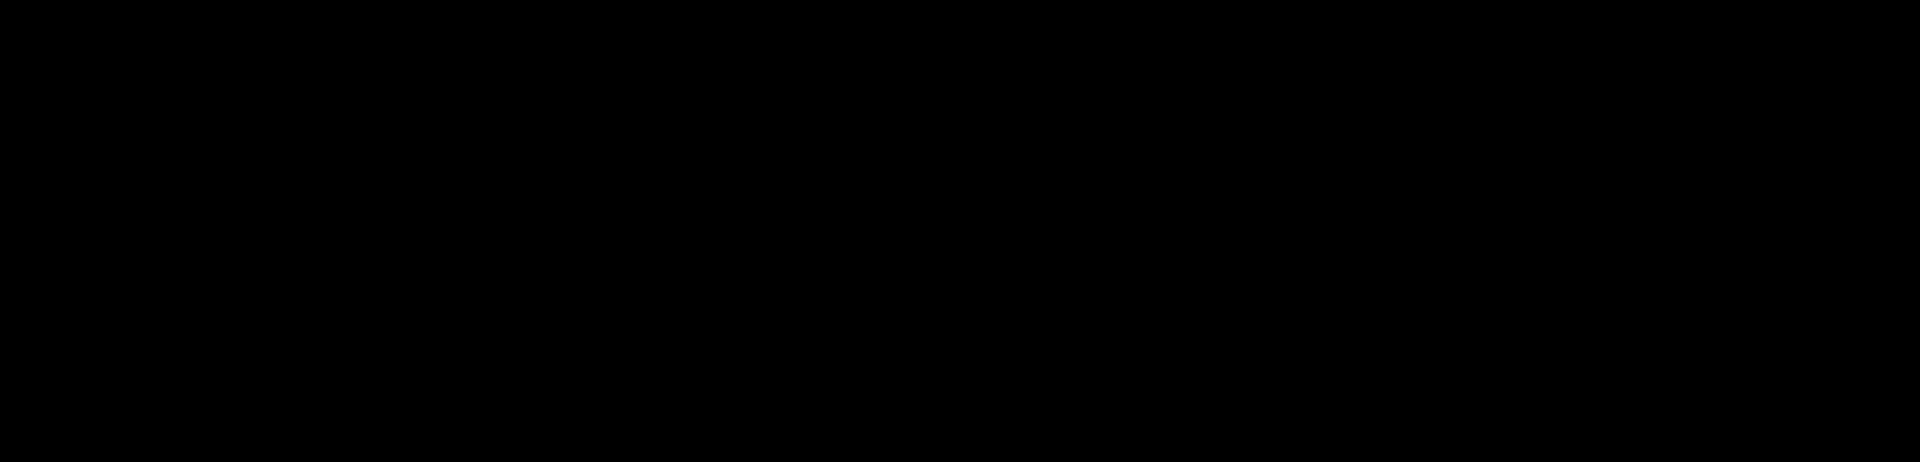 Fs15 logo button black